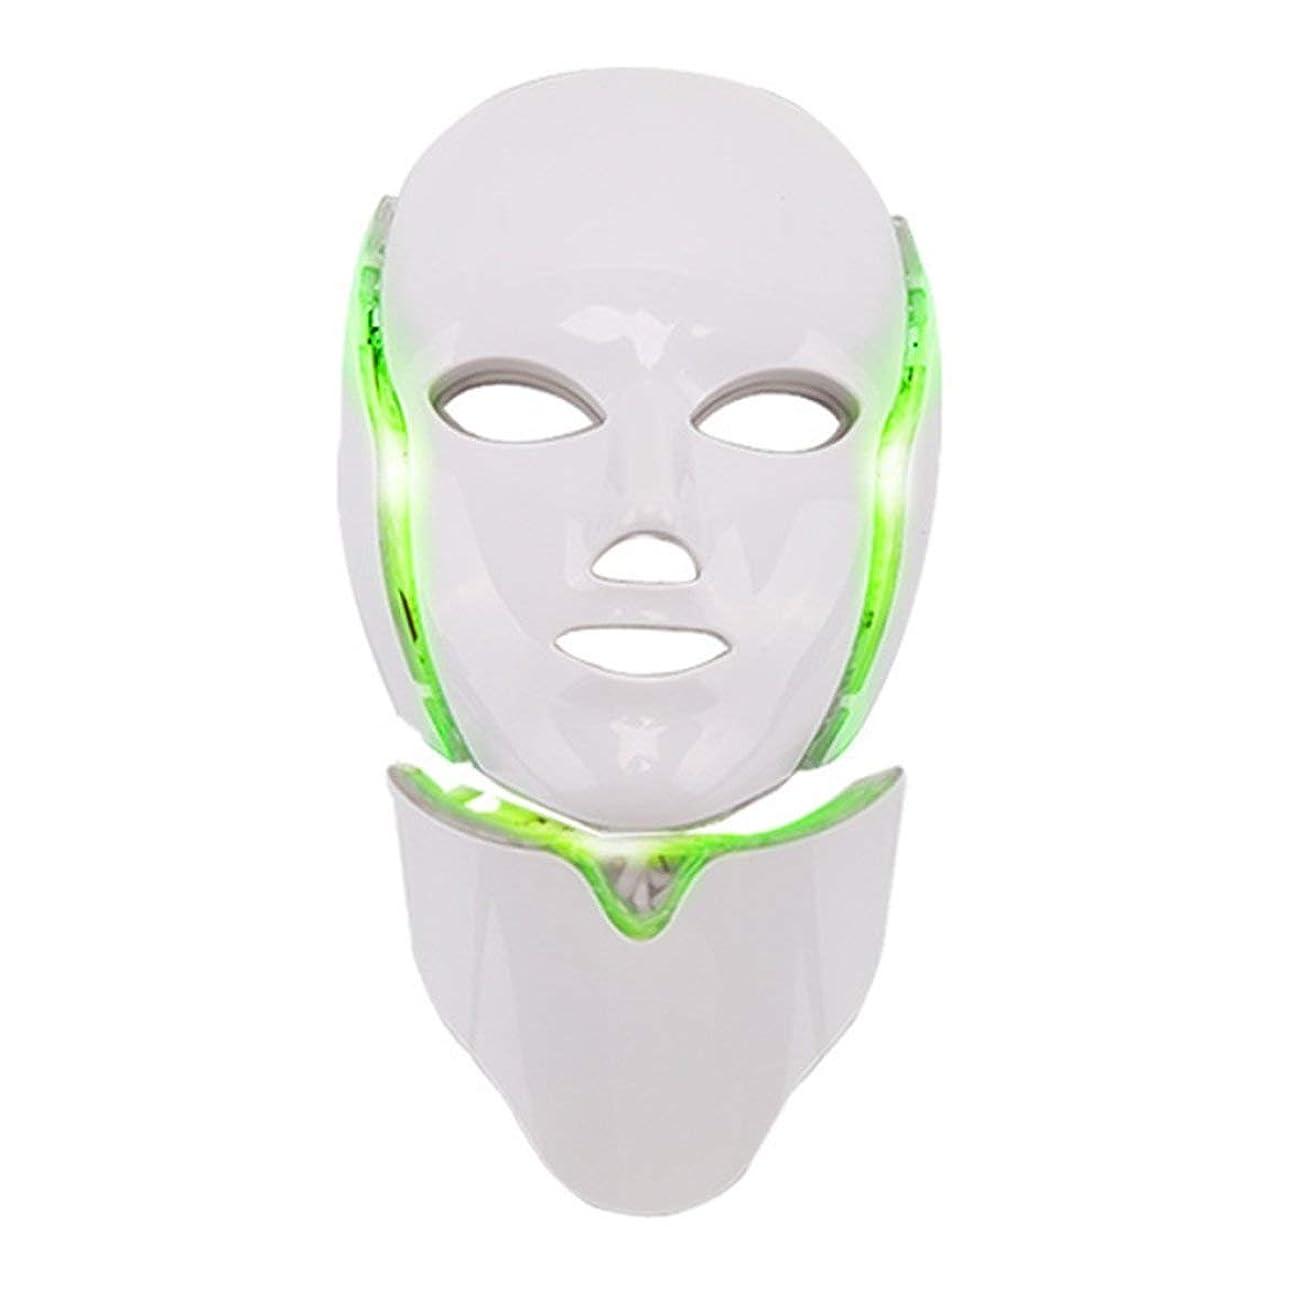 7色LedフェイシャルマスクLed家庭用分光計フェイスマスクマシン光療法にきびマスク首美容Ledマスク-ホワイト